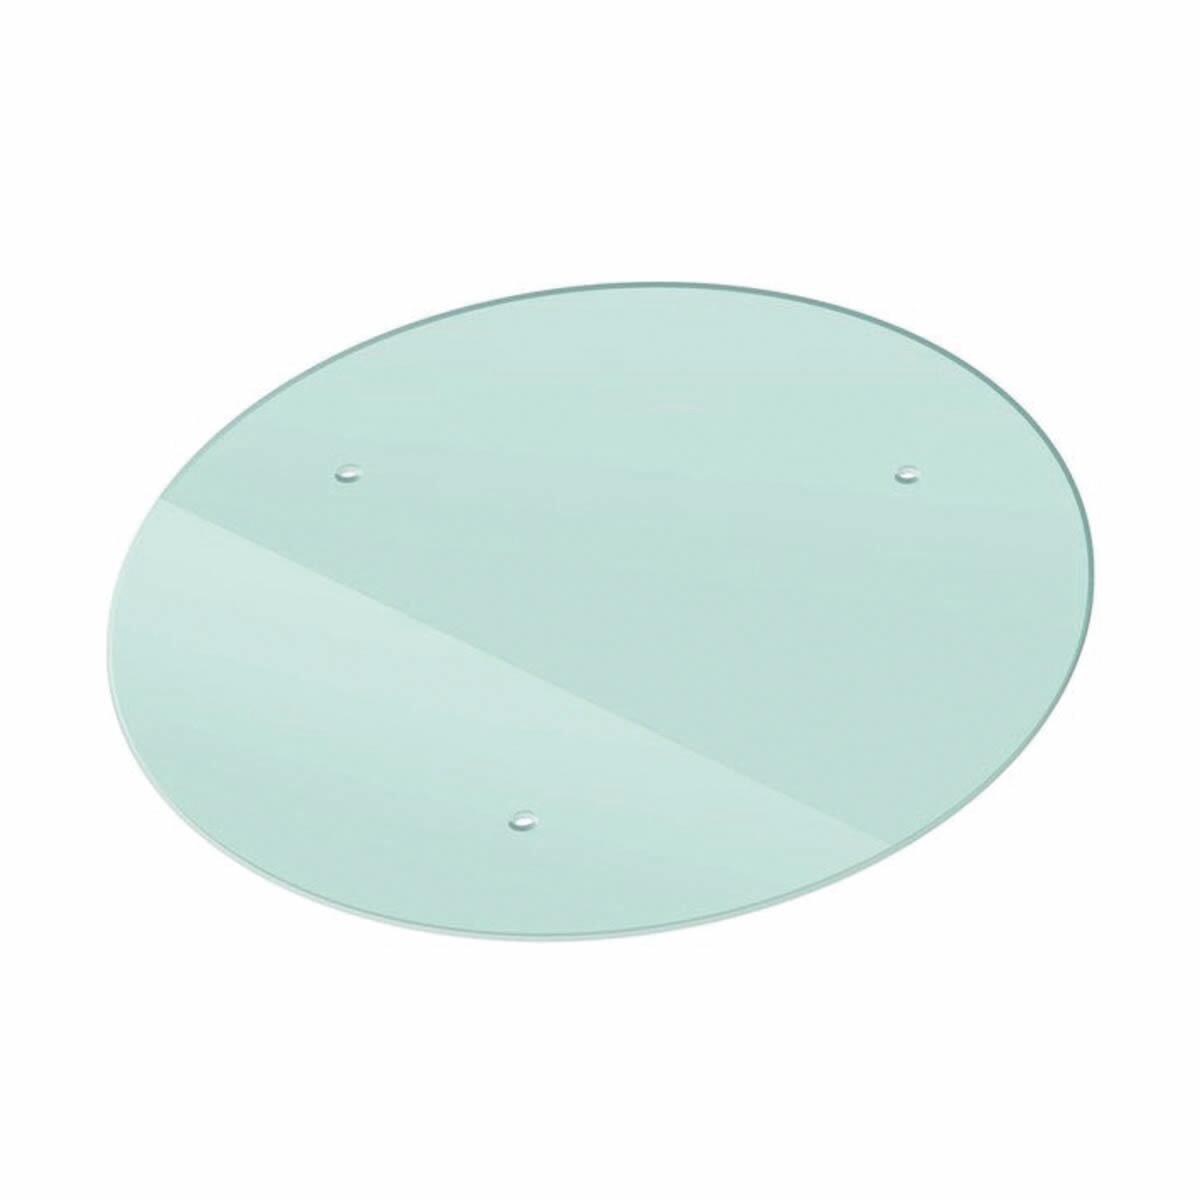 Vetro ripiano con fori trasparente L 45 x H 45 cm, Sp 10 mm